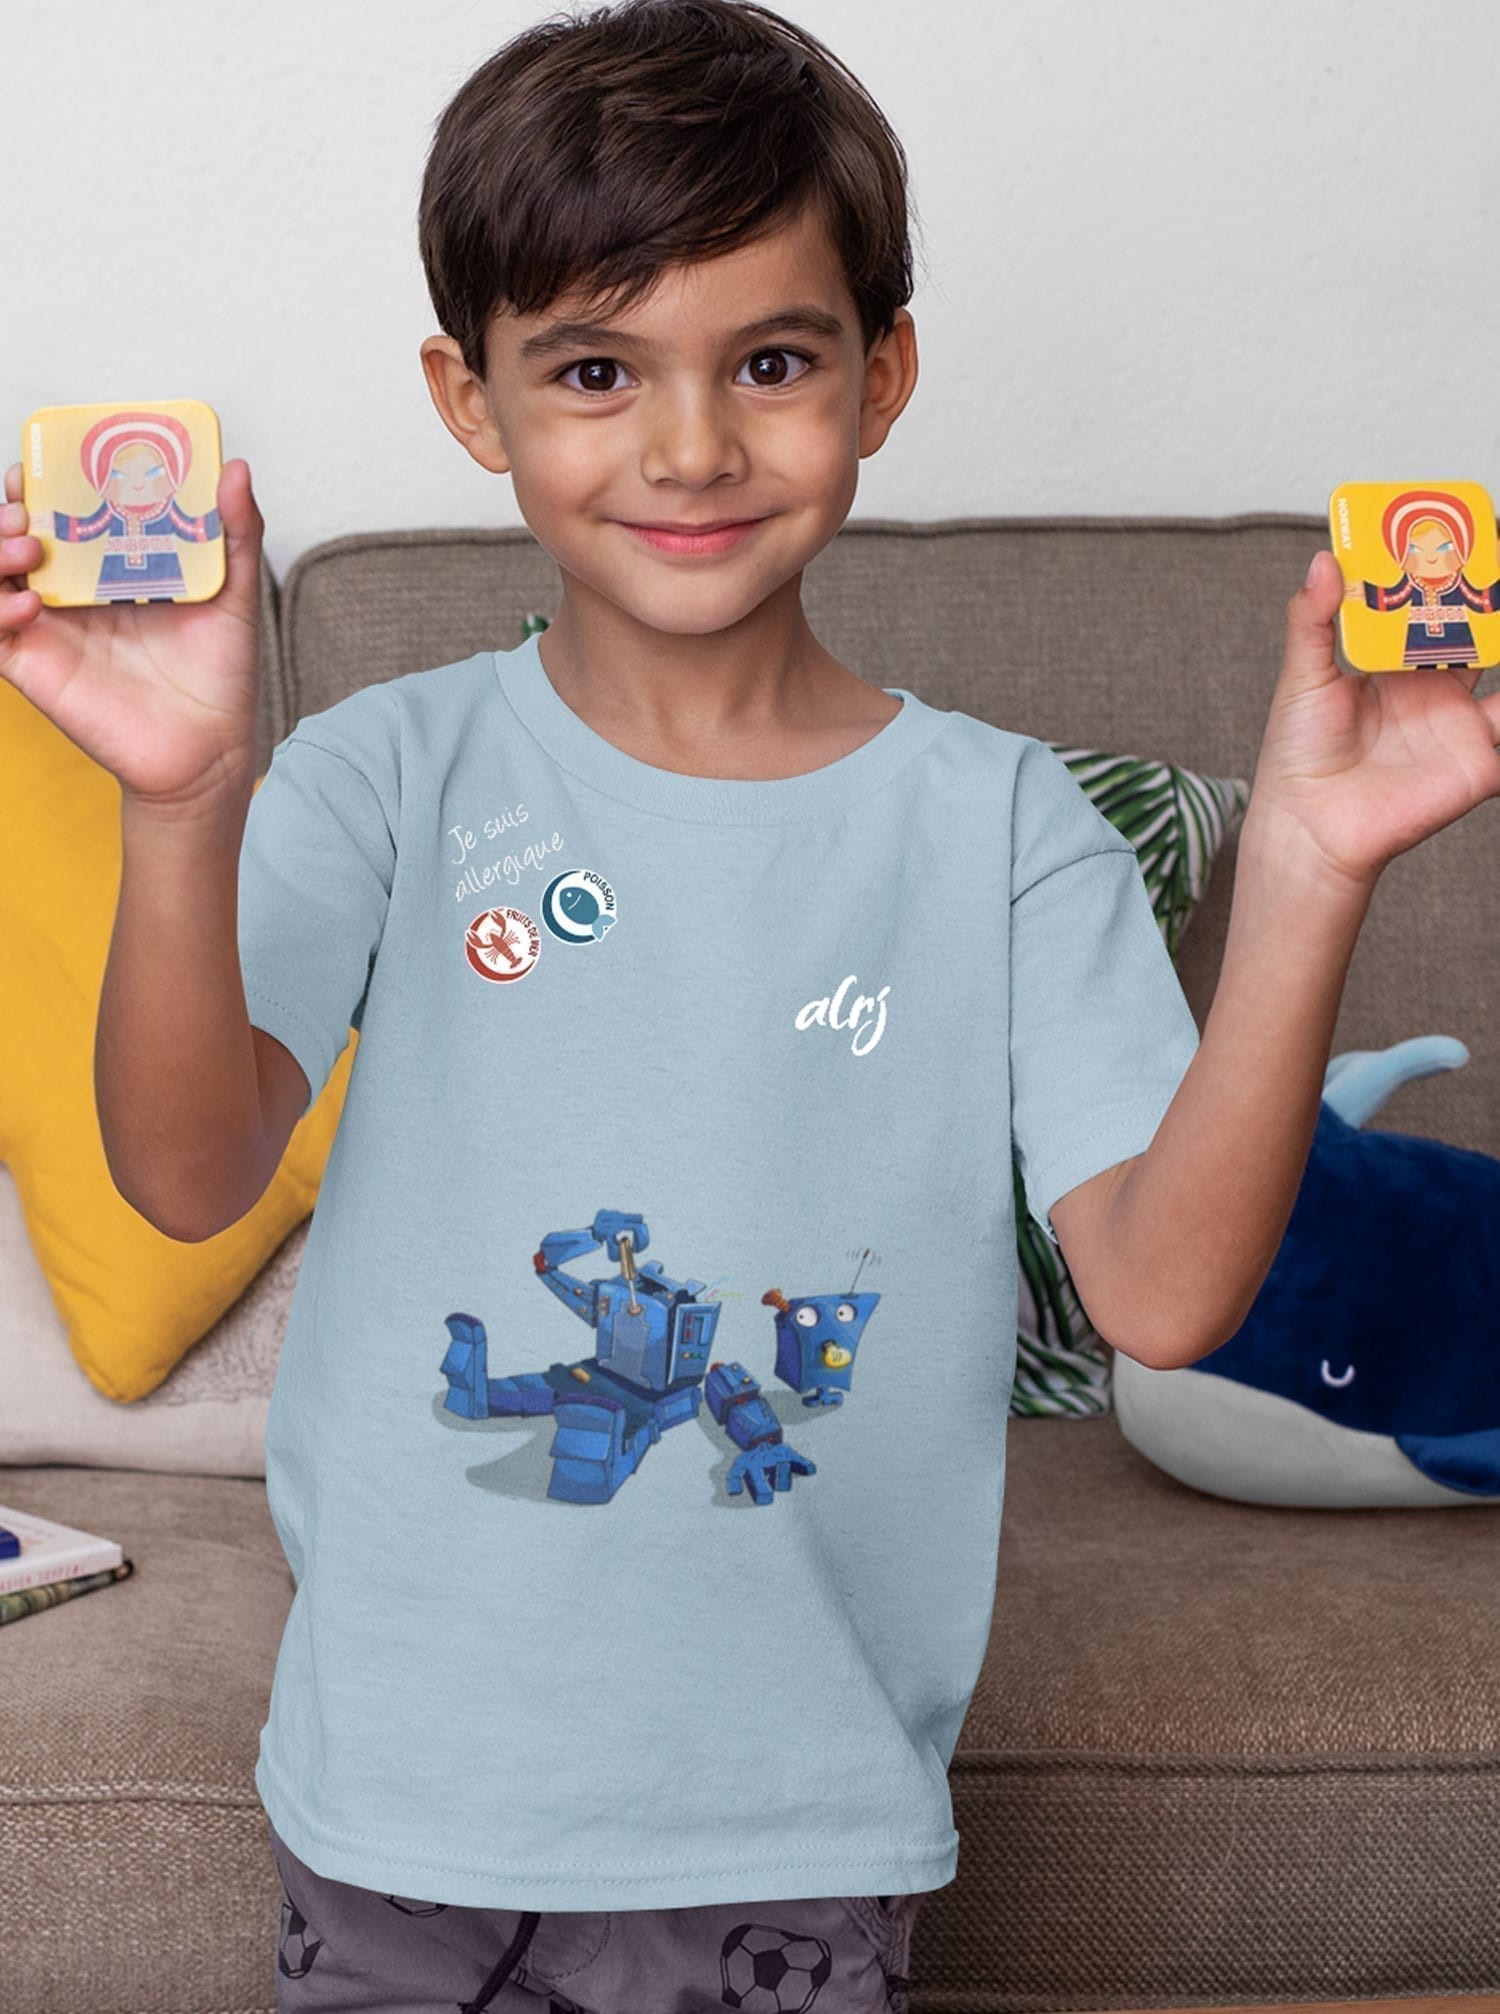 garçon portant un t-shirt avec ses allergies alimentaires et un motif robot démonté